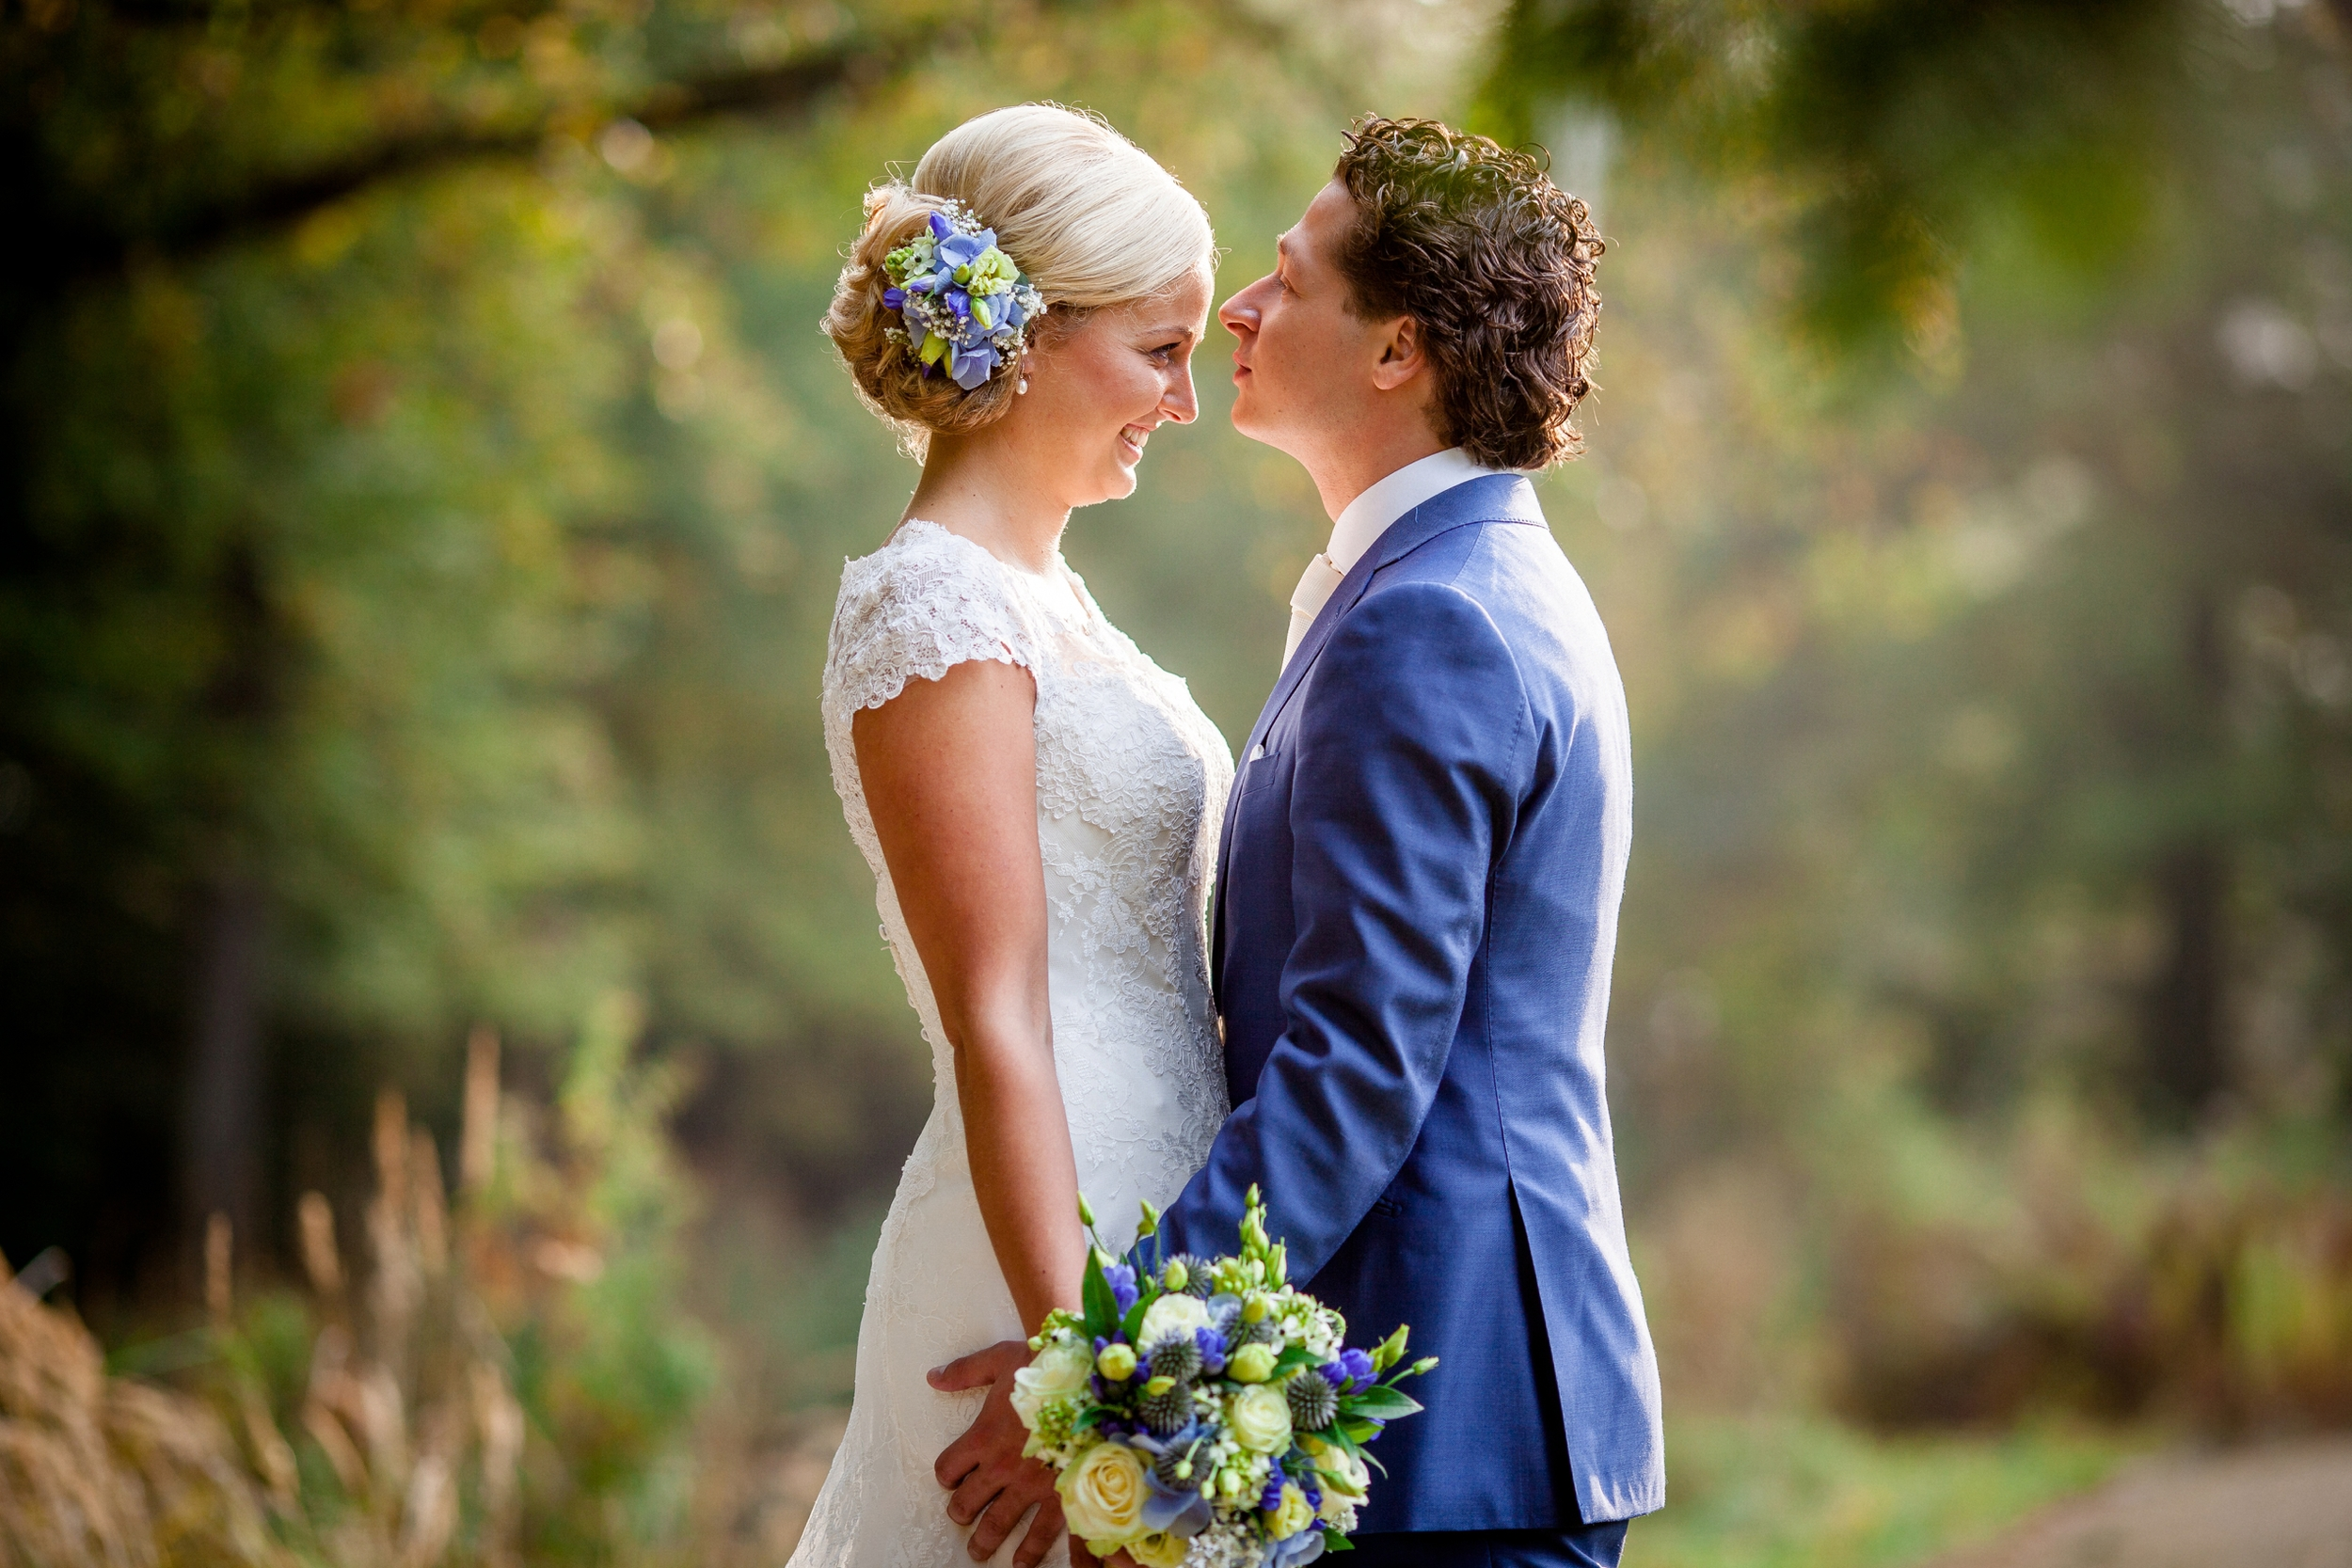 bruidsfotograaf-rijssen-utrecht-fotograaf-trouwen-bruiloft_0224.jpg